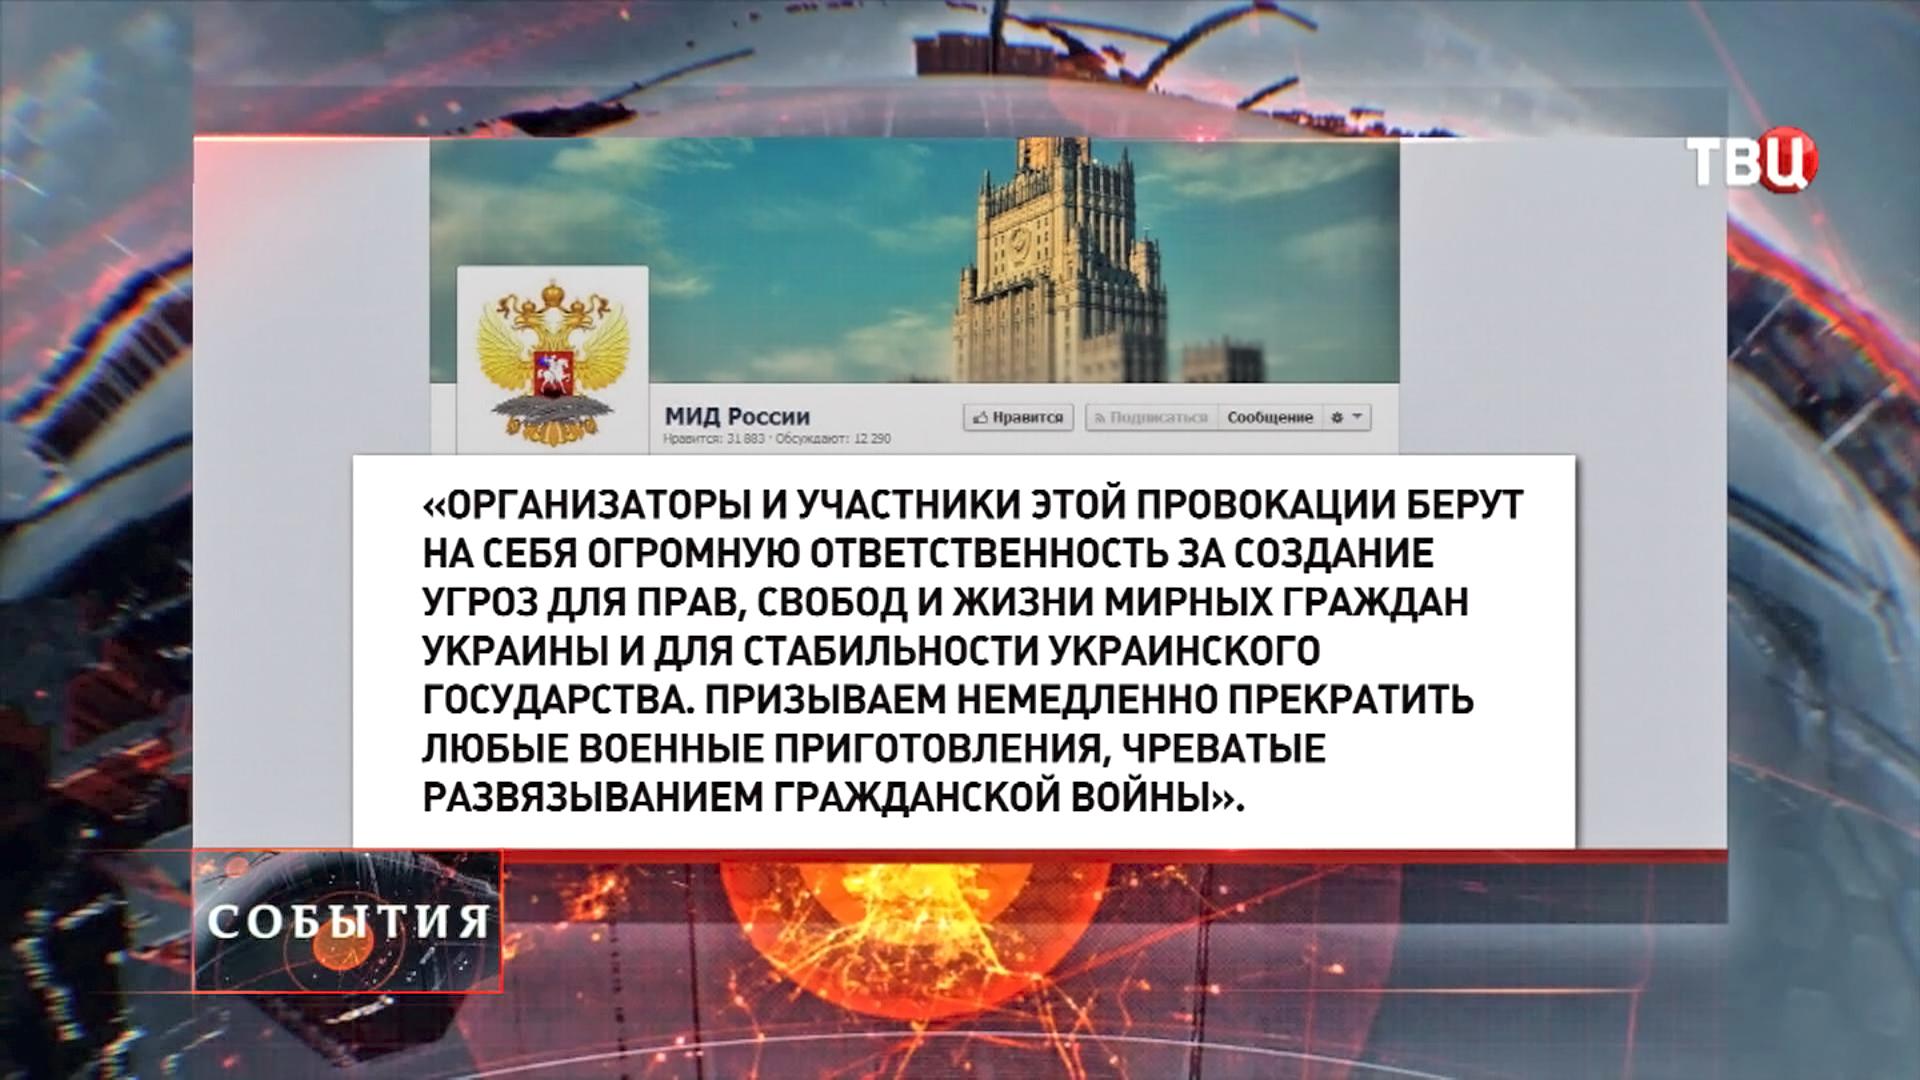 МИД РФ обеспокоен участием наёмников из США в событиях на Украине